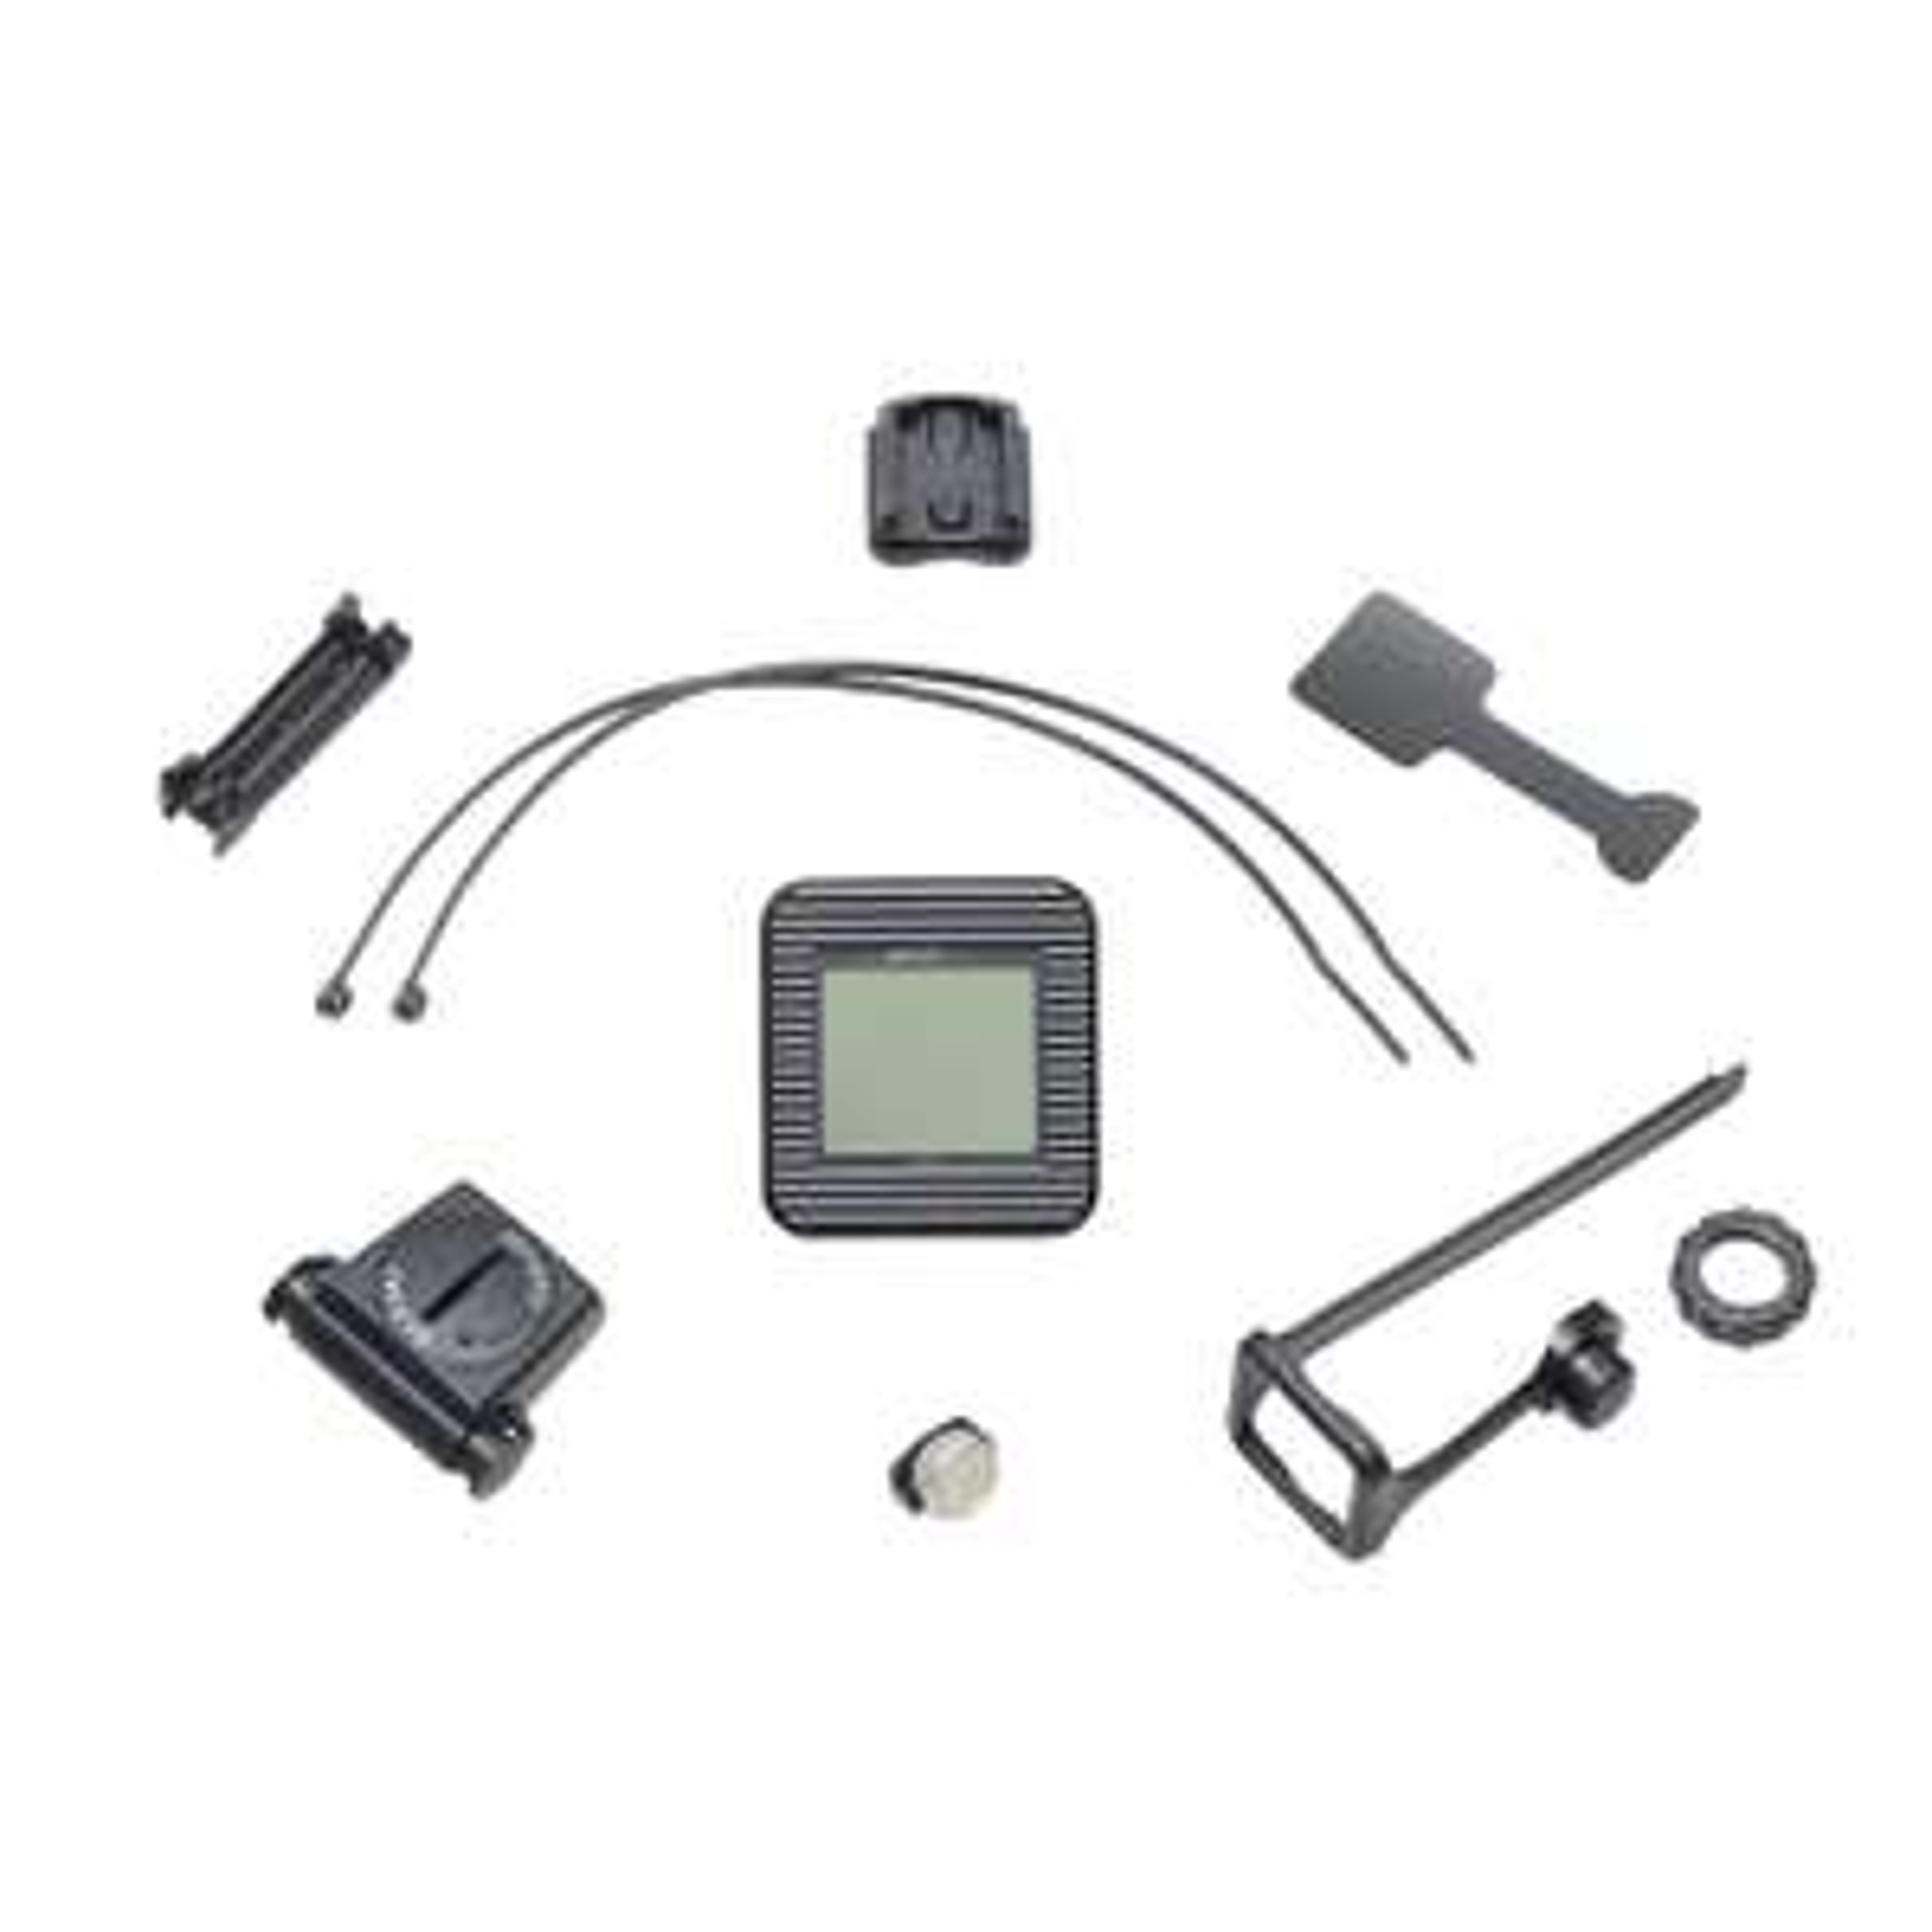 Compteur de vitesse vélo et podomètre sans fil Cateye Fit CC-PD100W